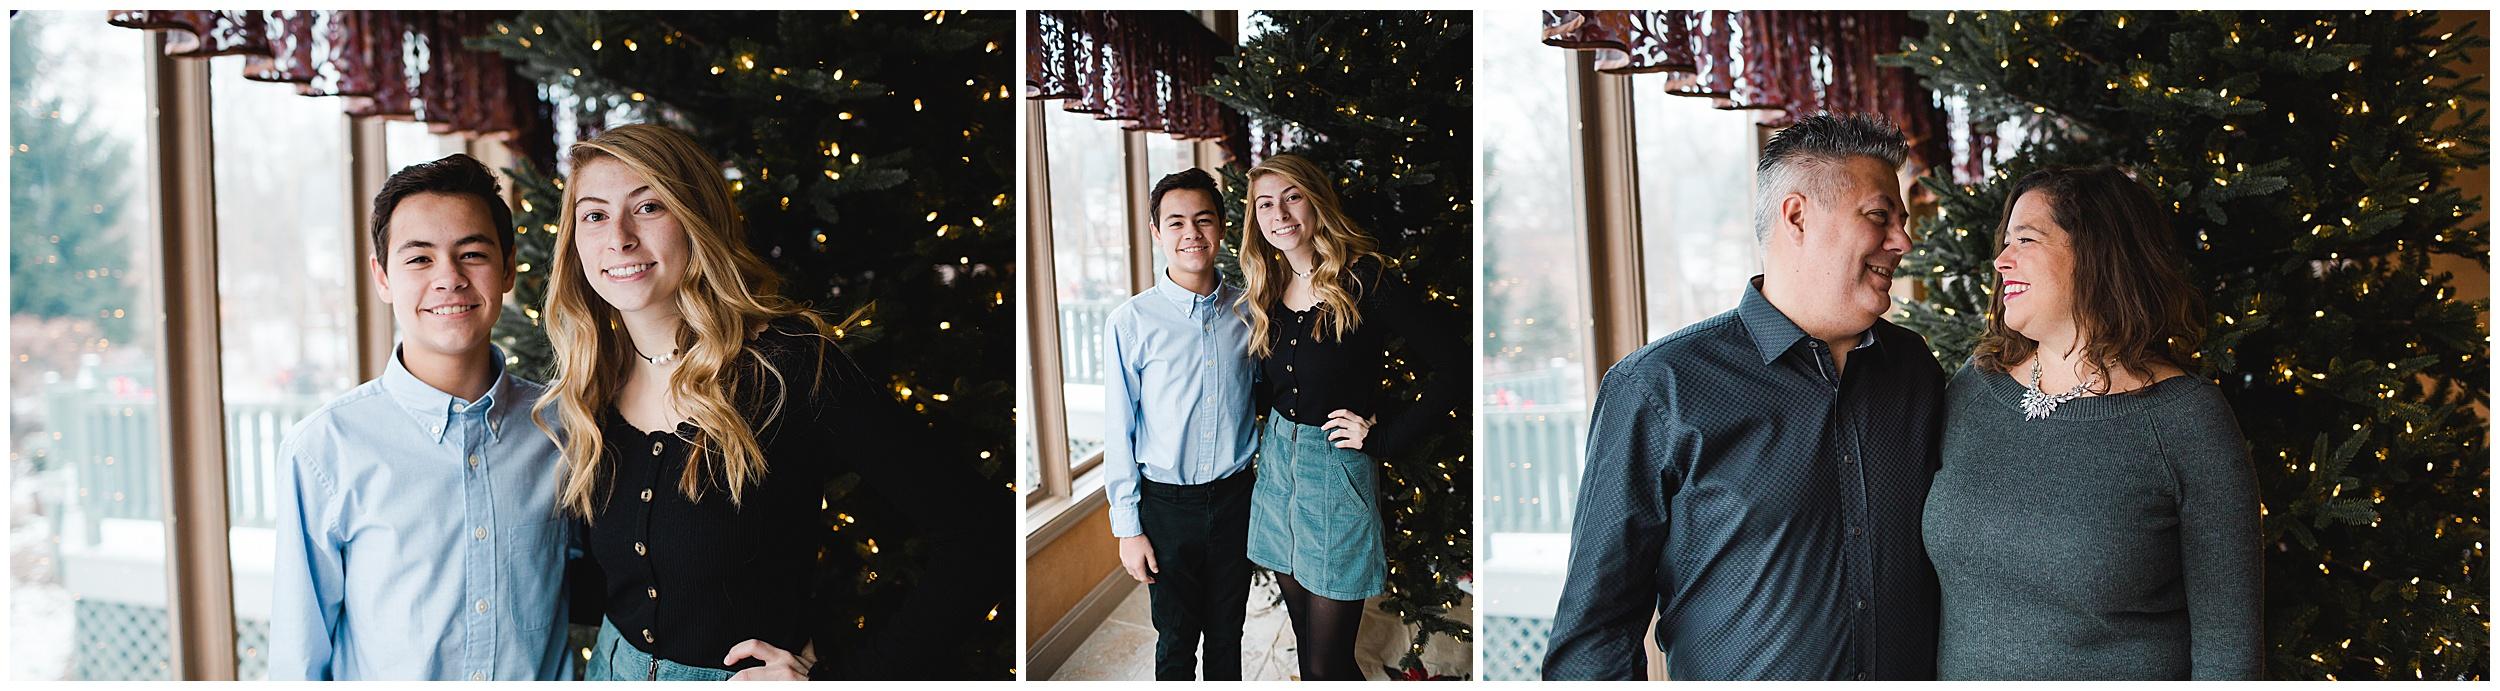 Indianapolis Family Photographer_Kelli White Photography_IG_0231.jpg